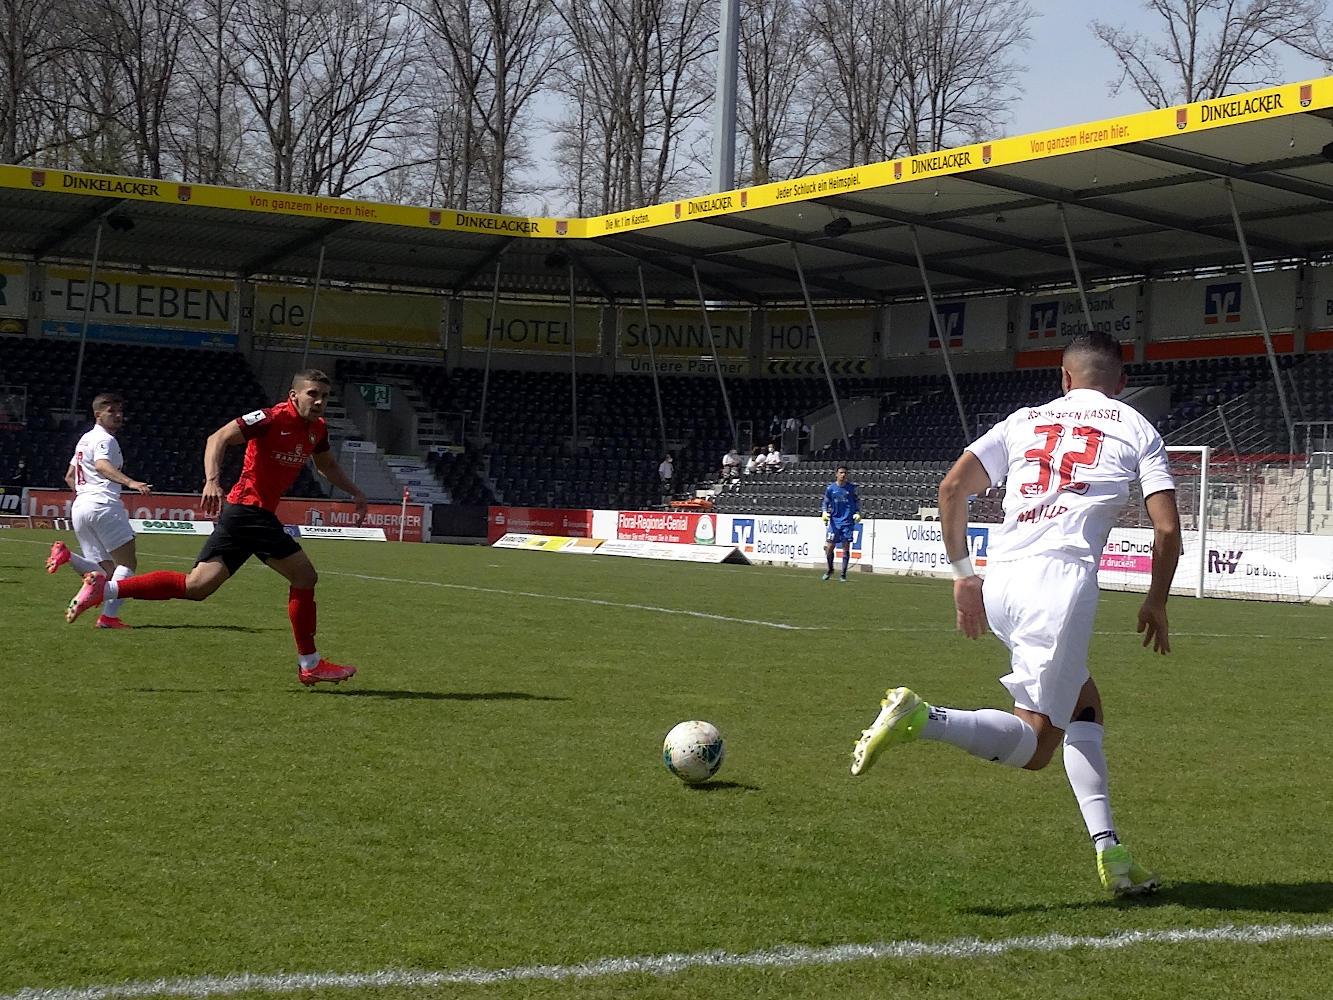 SG Sonnenhof Großaspach - KSV Hessen Kassel